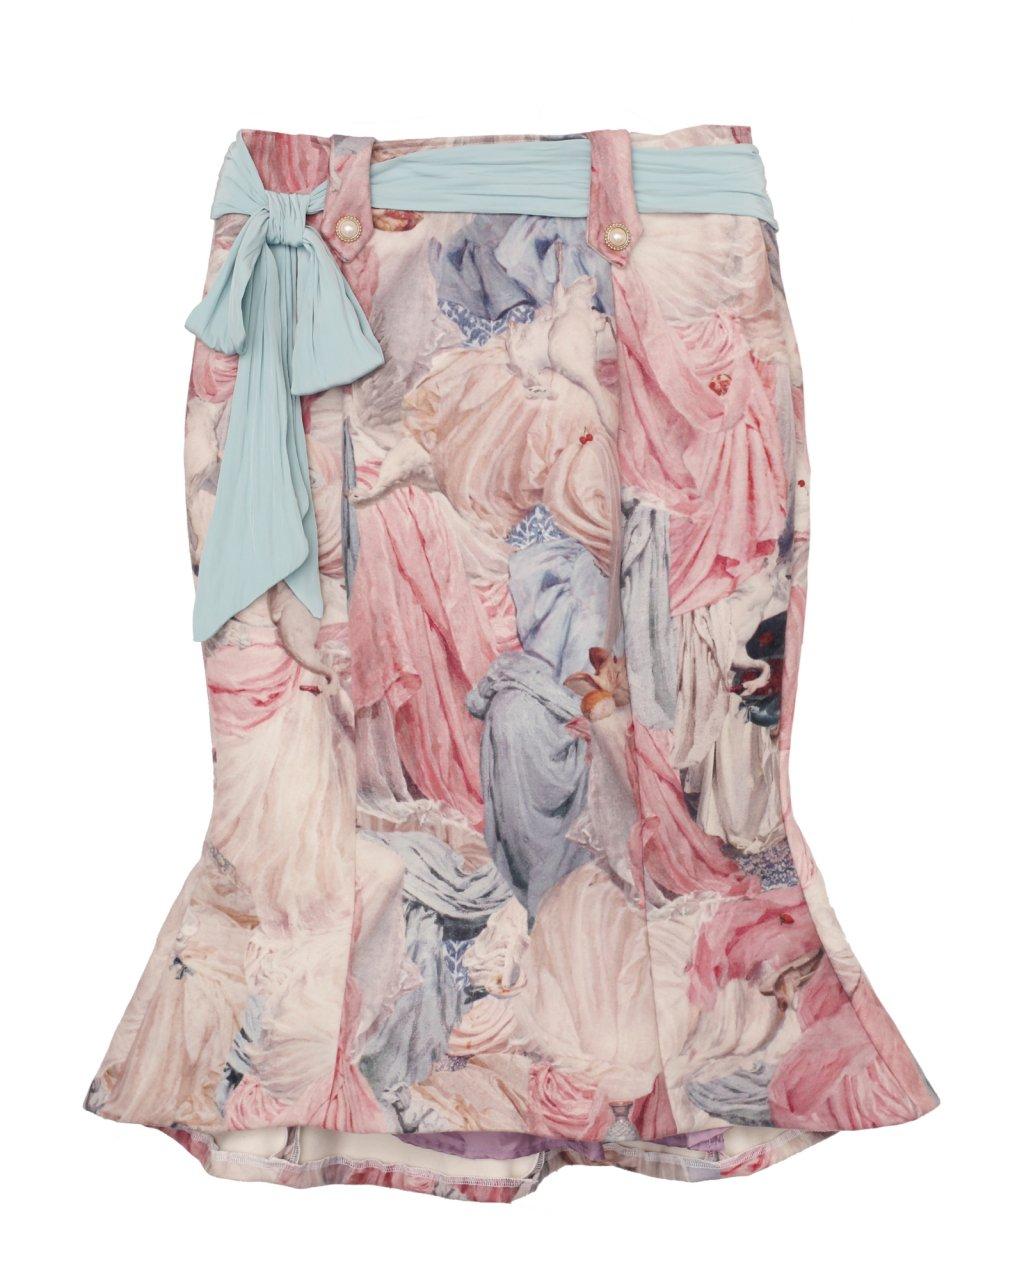 D'Estrees skirt・Epicure gourmet